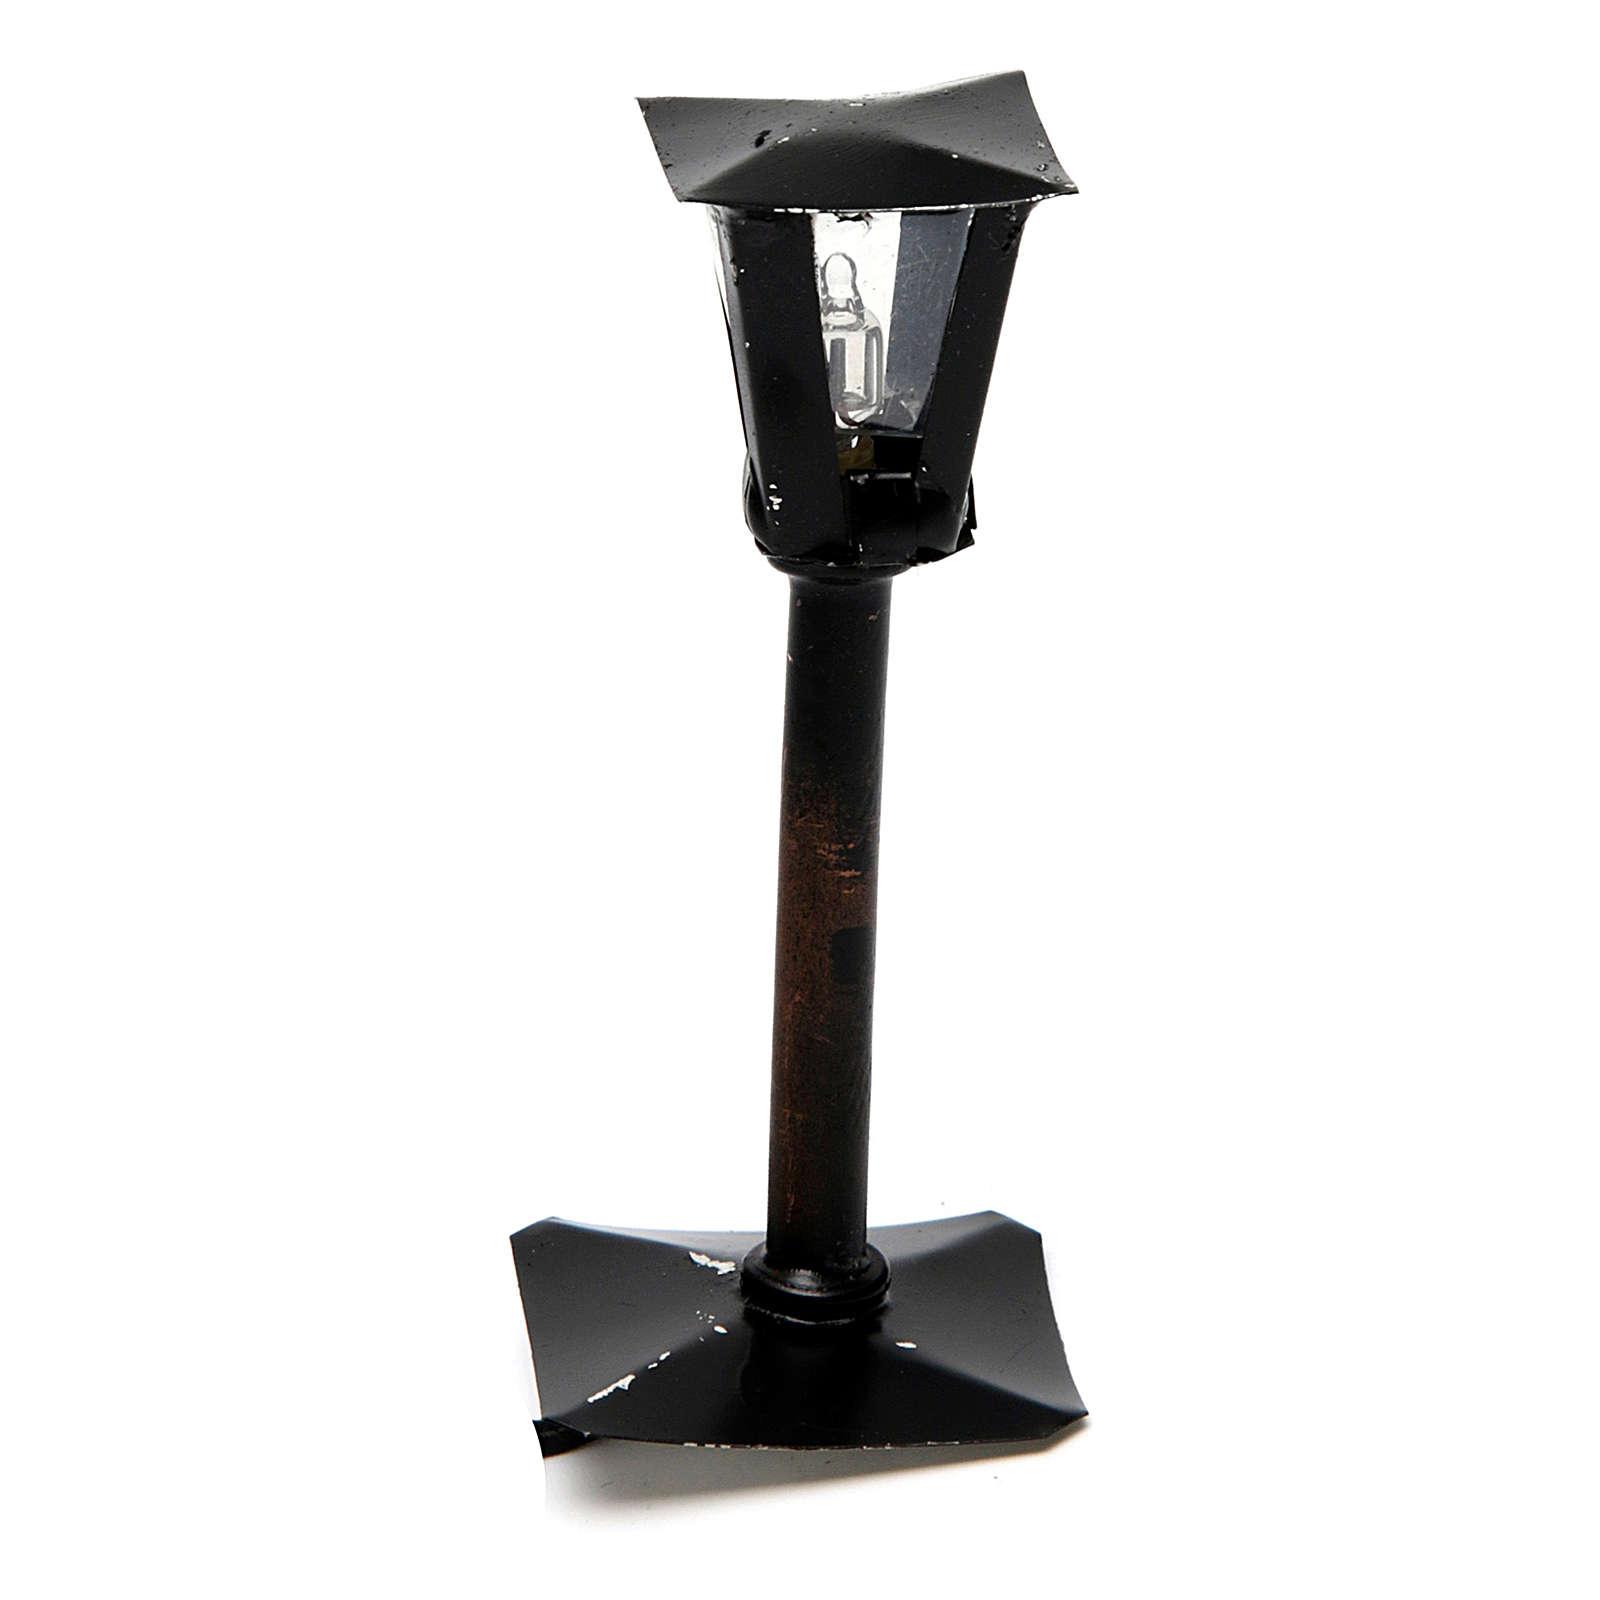 Réverbère de rue avec lanterne bricolage de crèche 8 cm - 12V 4